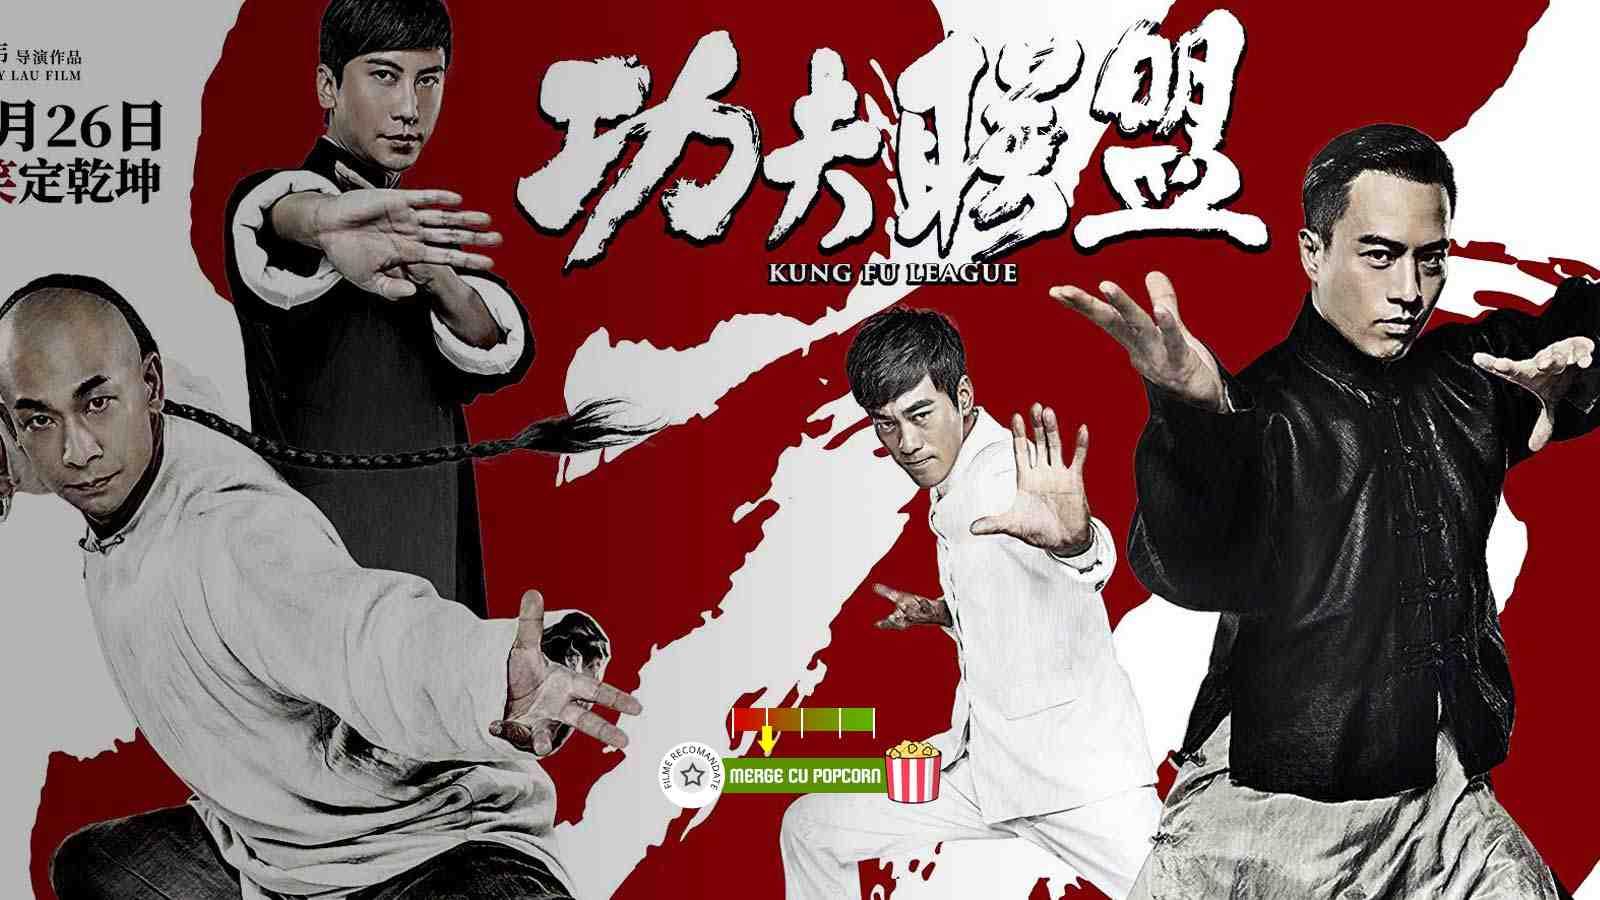 Kung Fu League (aka. Gong fu lian meng) (2018)